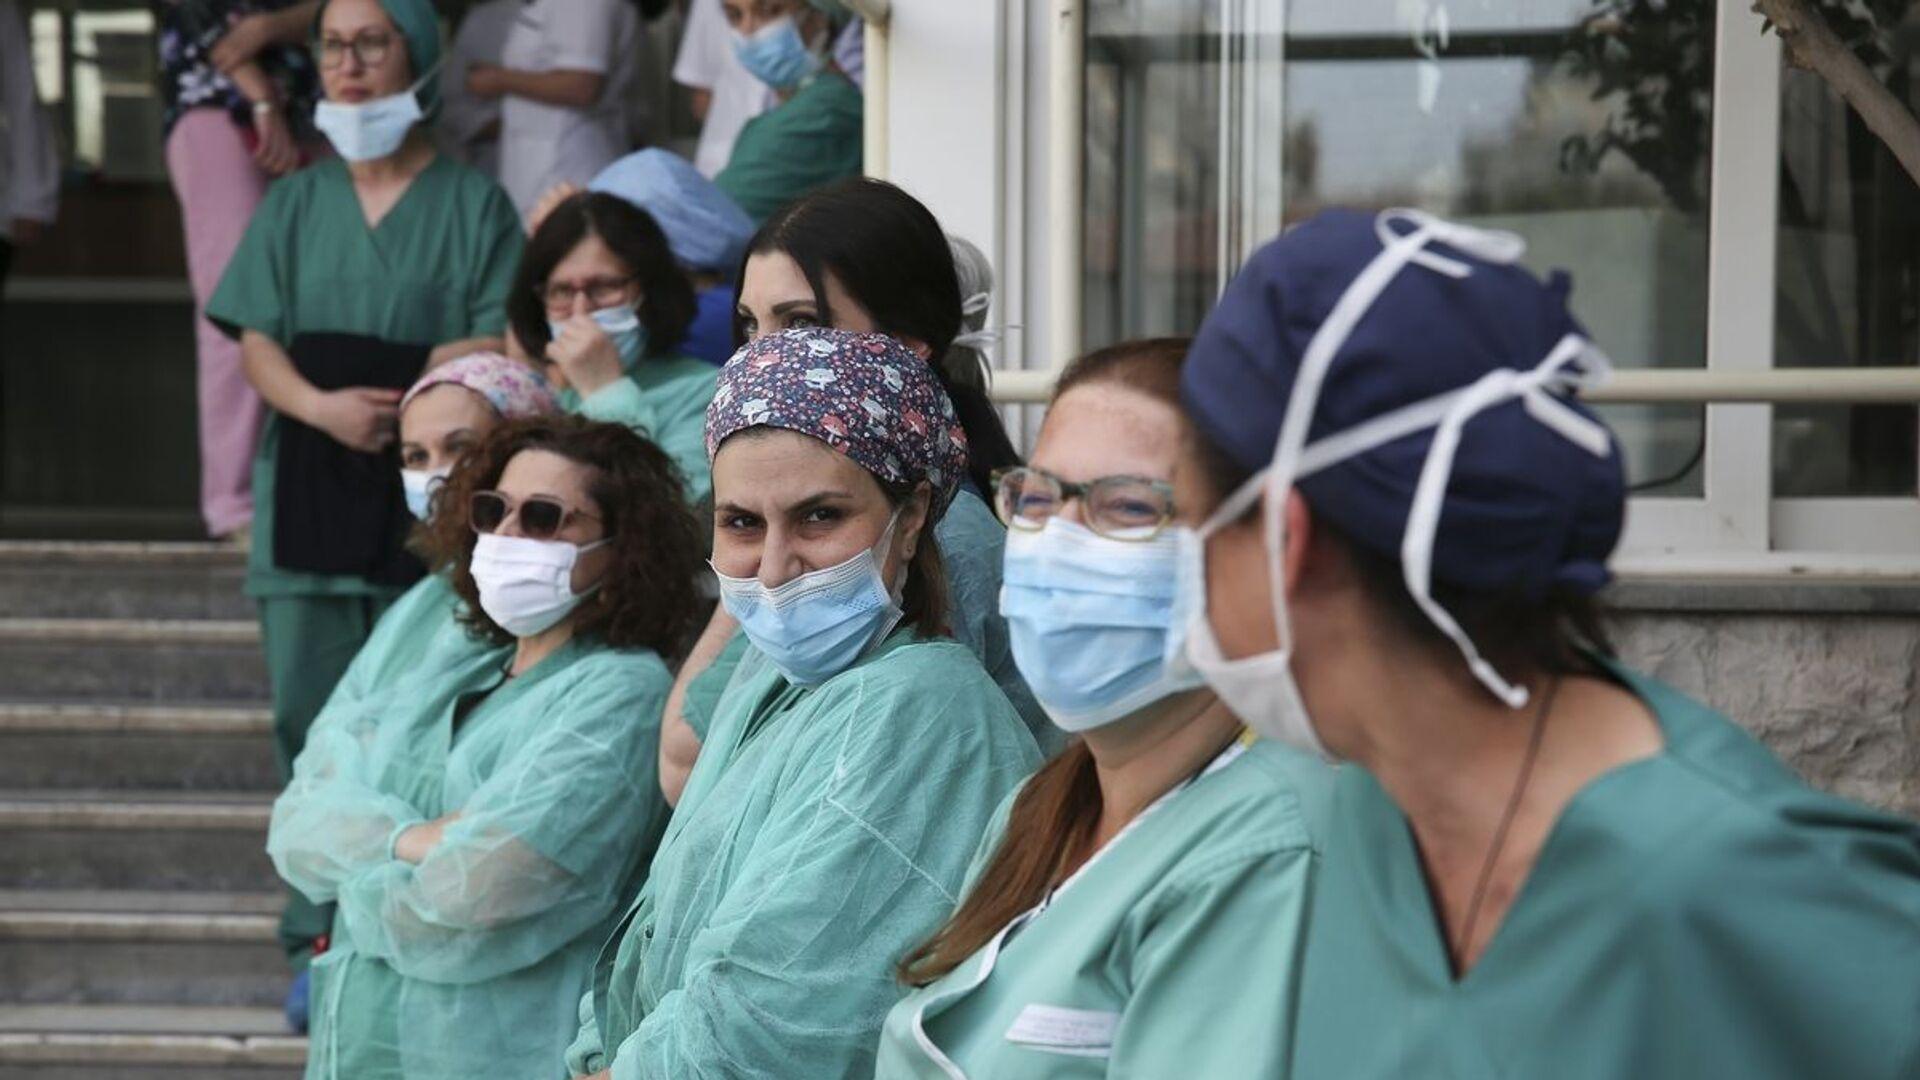 Εργαζόμενοι στο νοσοκομείο Μεταξά - Sputnik Ελλάδα, 1920, 12.10.2021